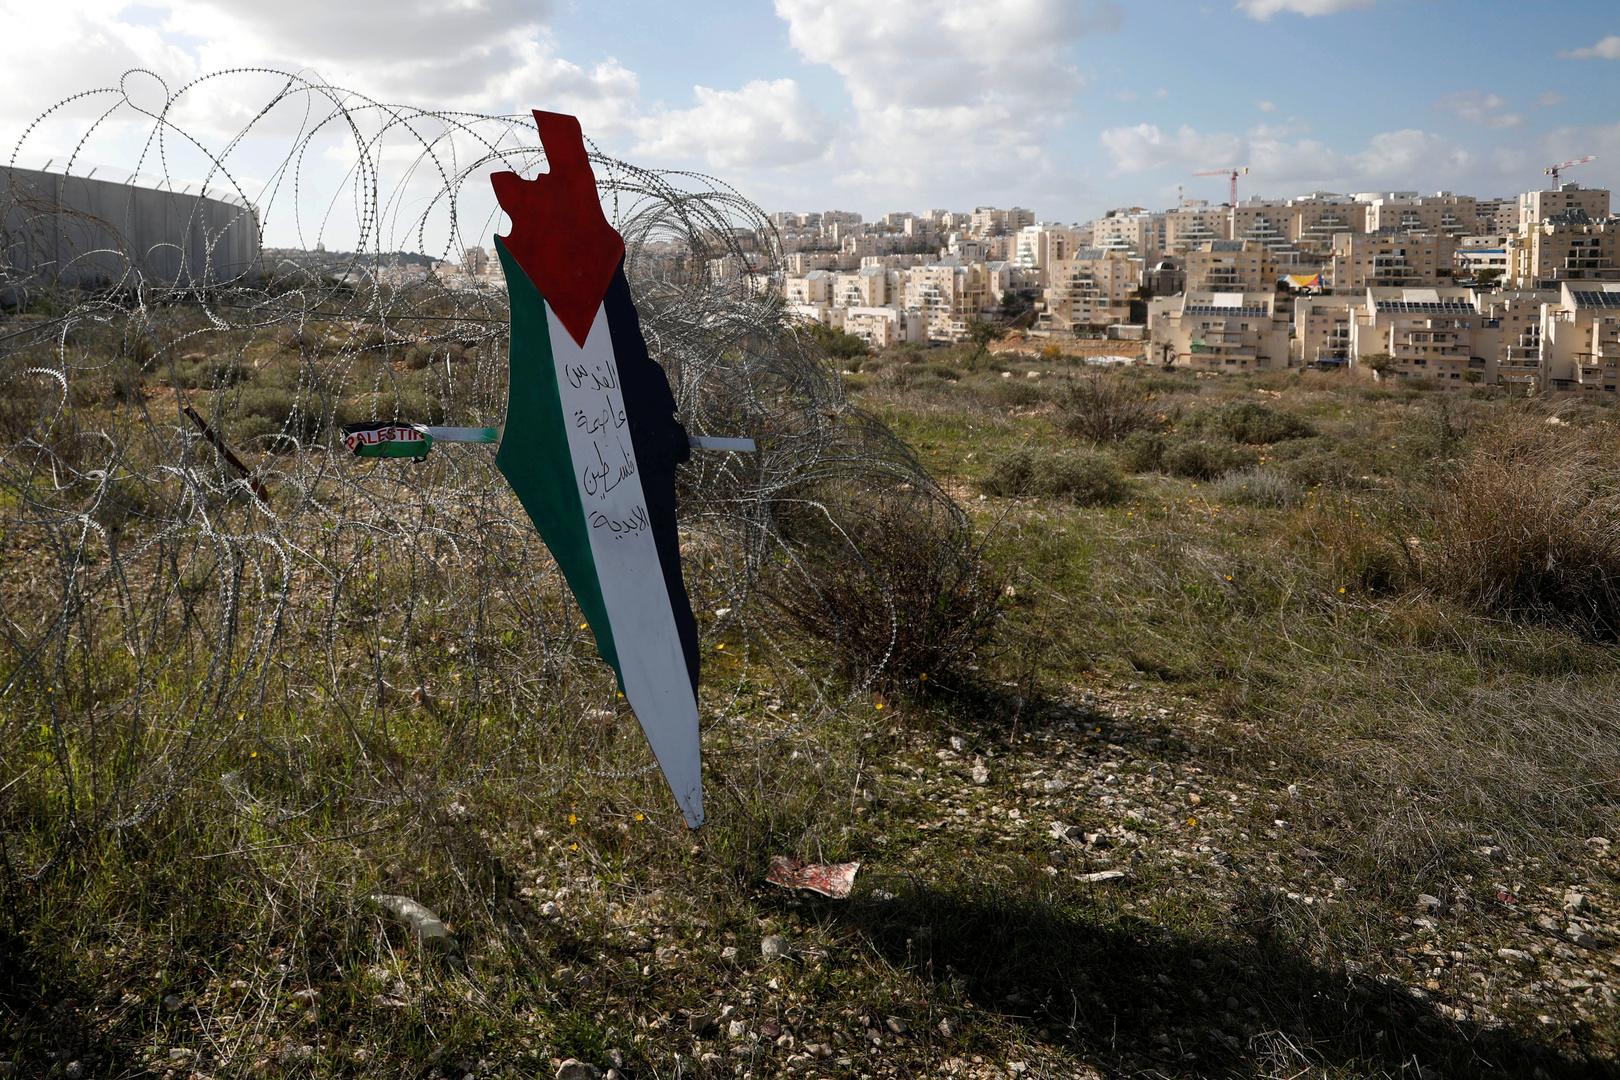 القضاء الإسرائيلي يصدر حكما ضد ناشط حقوقي فلسطيني